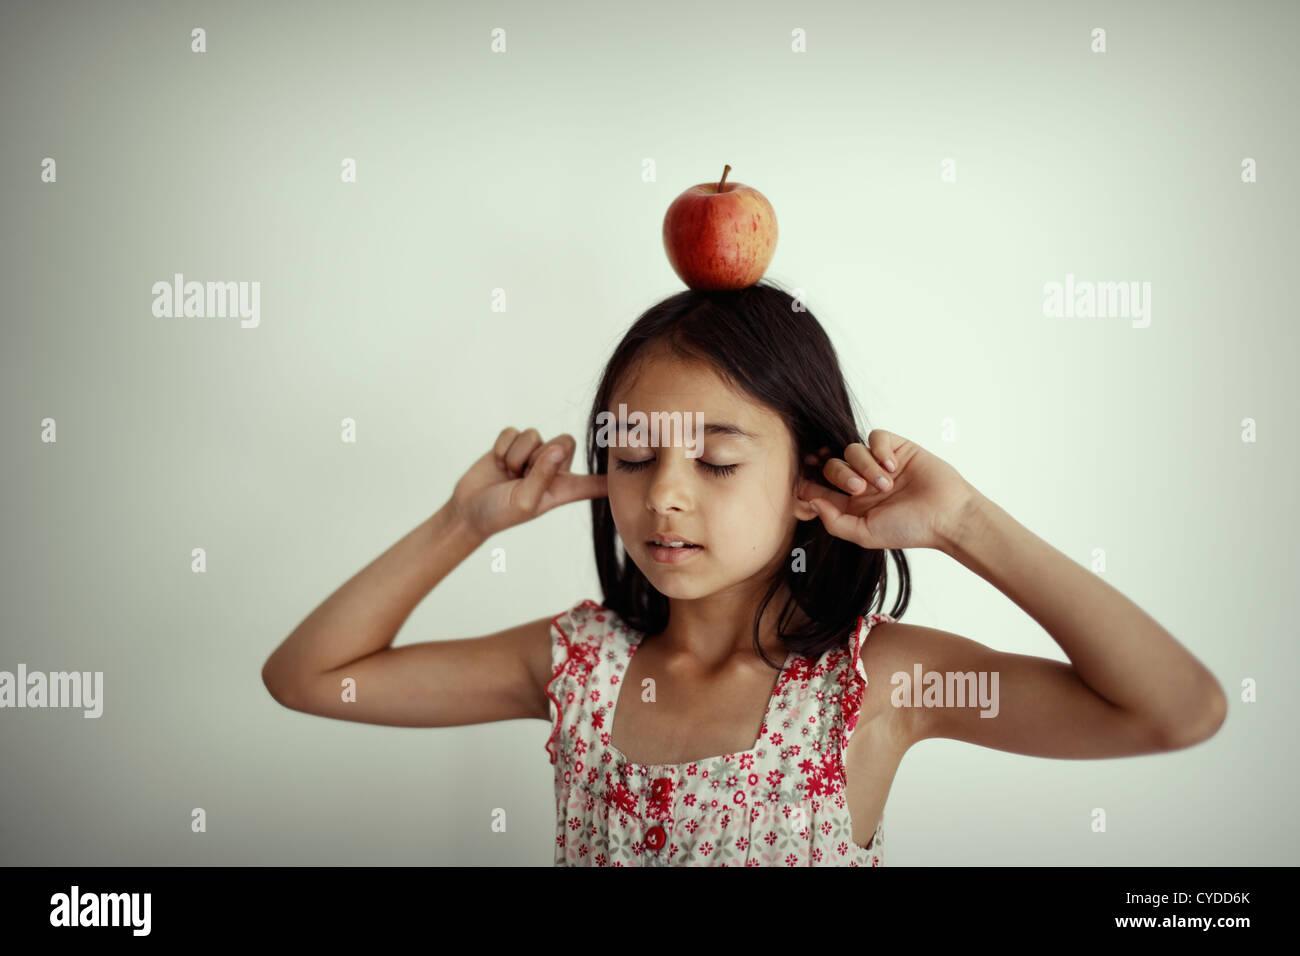 Mädchen gleicht Apfel auf den Kopf mit Augen und Finger in die Ohren. Stockbild